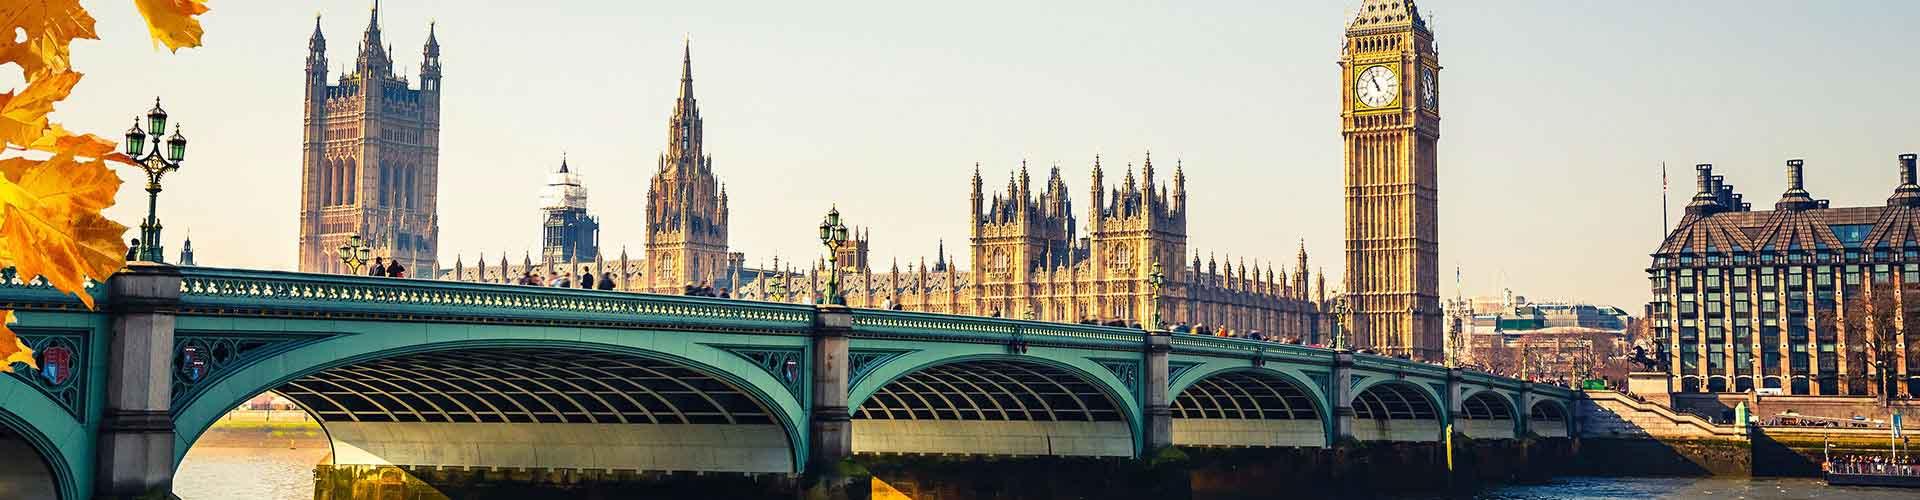 London - Lakosztályok közel London City Repülőtér. London térképek, fotók és ajánlások minden egyes London lakosztályról.